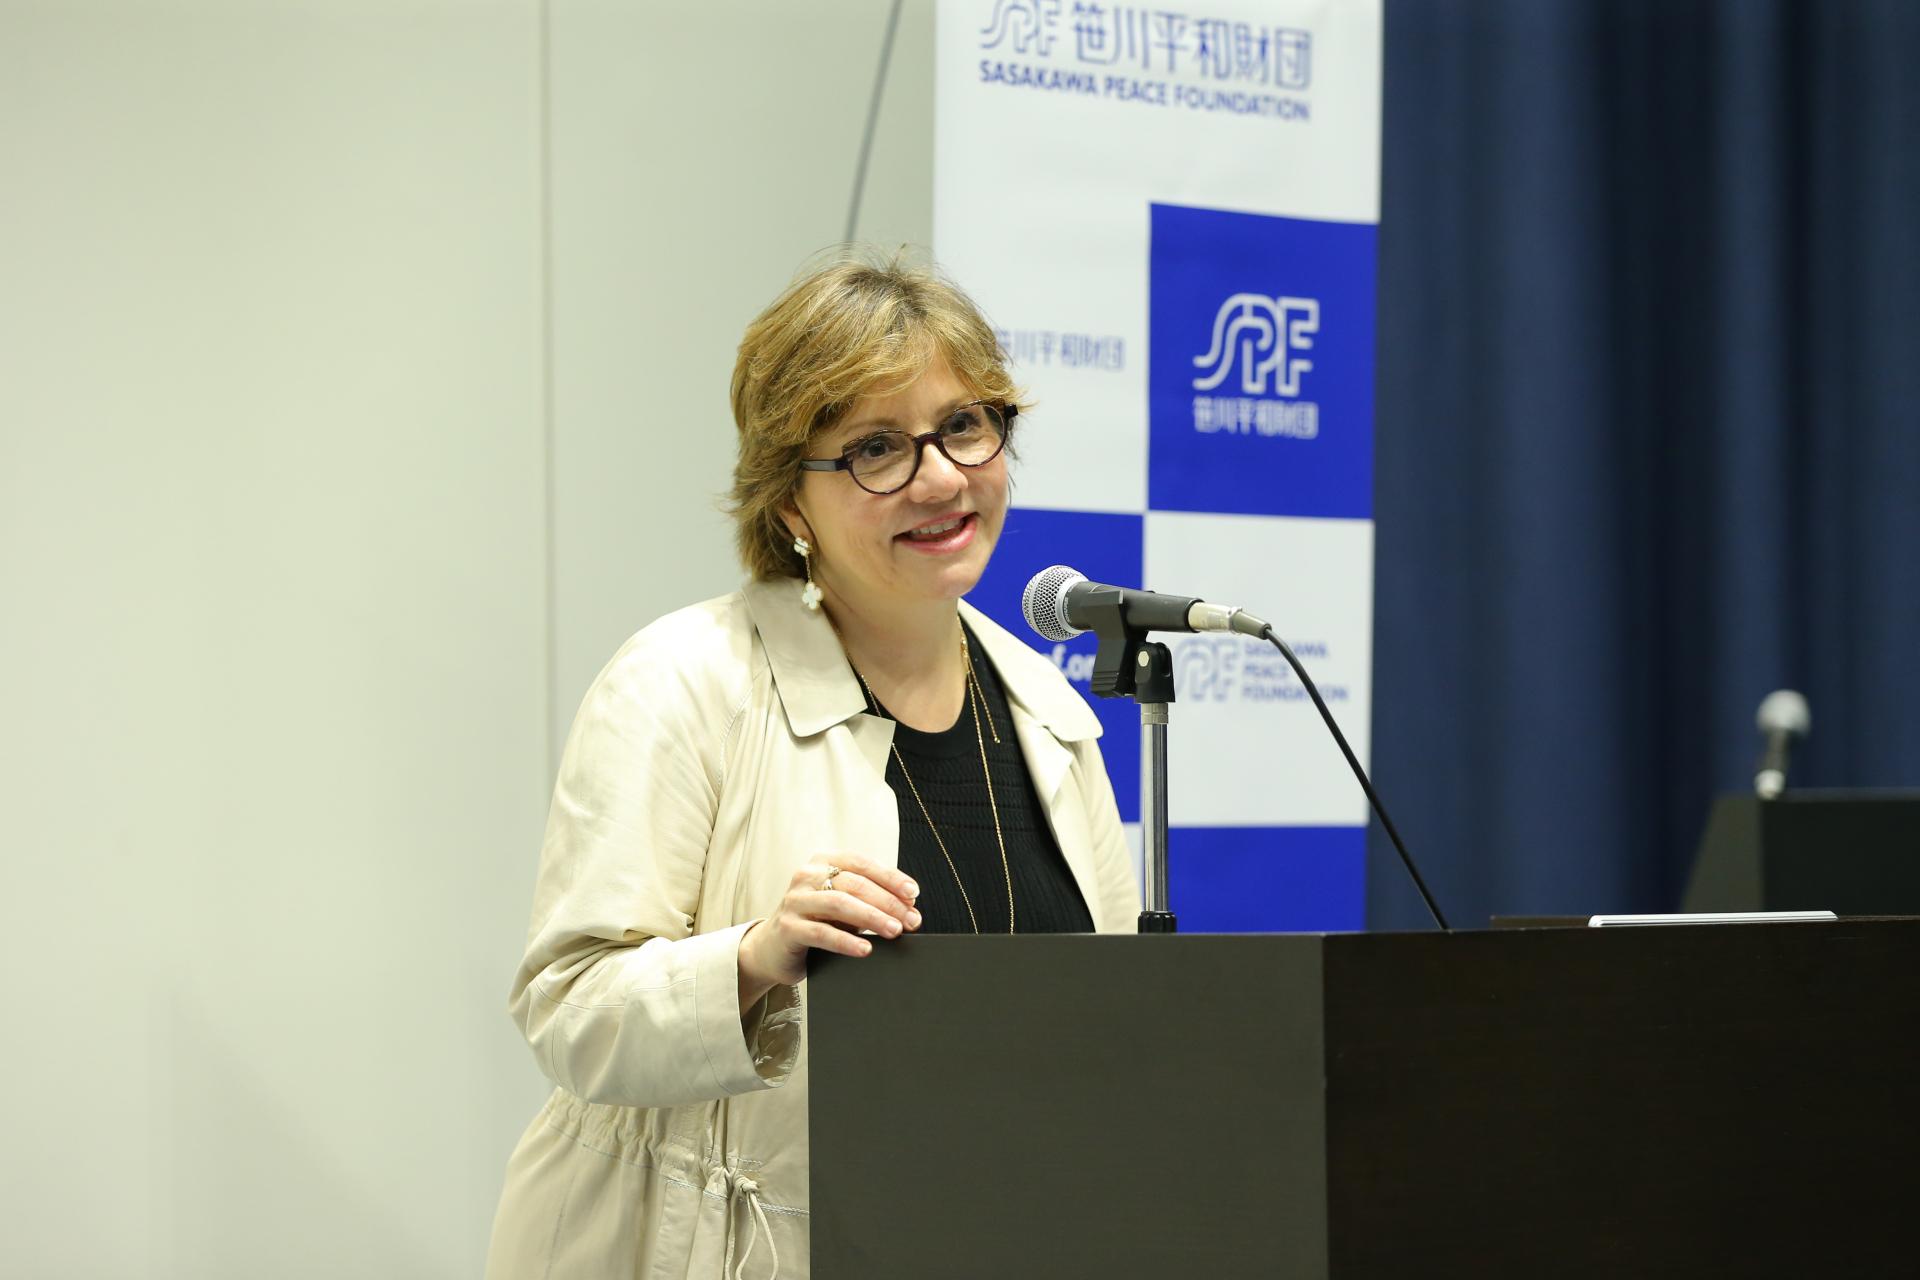 OECD常任理事 ジョゼ・トゥシェット氏講演会 「国際機関における女性のエンパワメント」